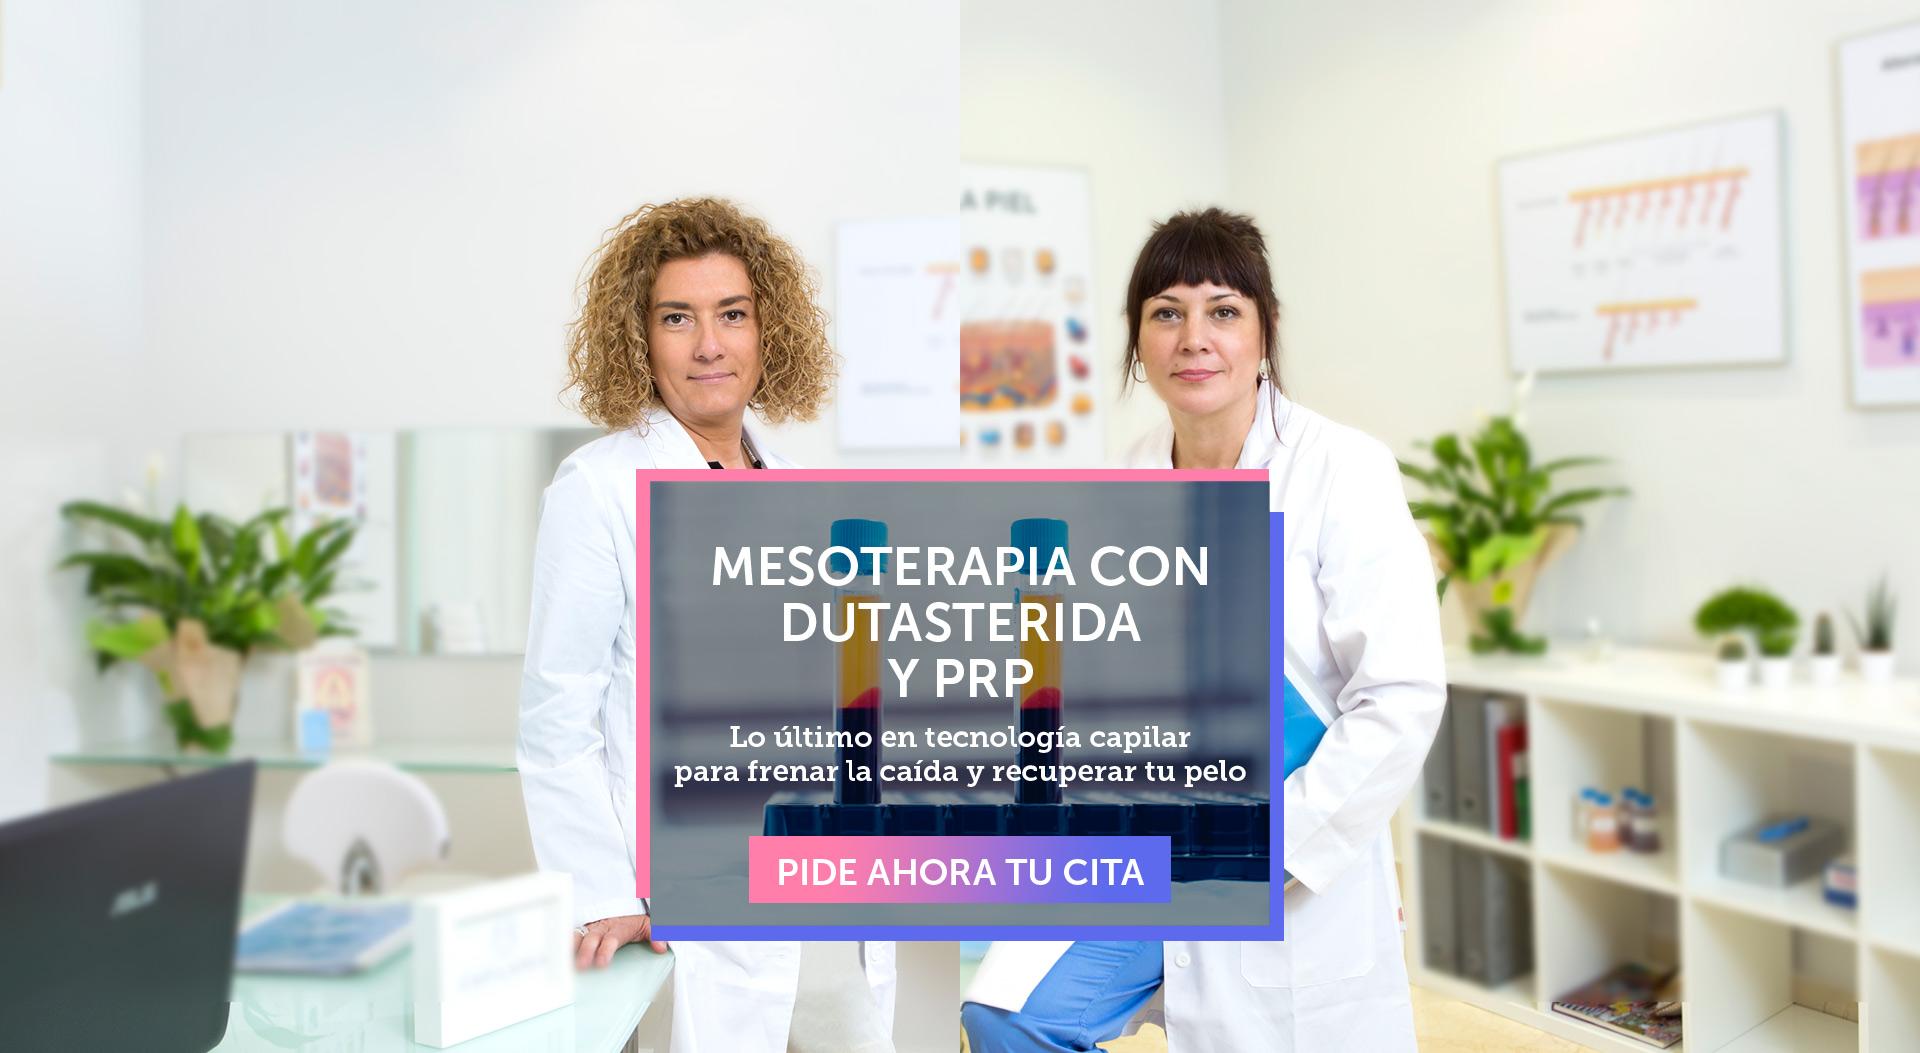 Mesoterapia con Dutasterida y PRP